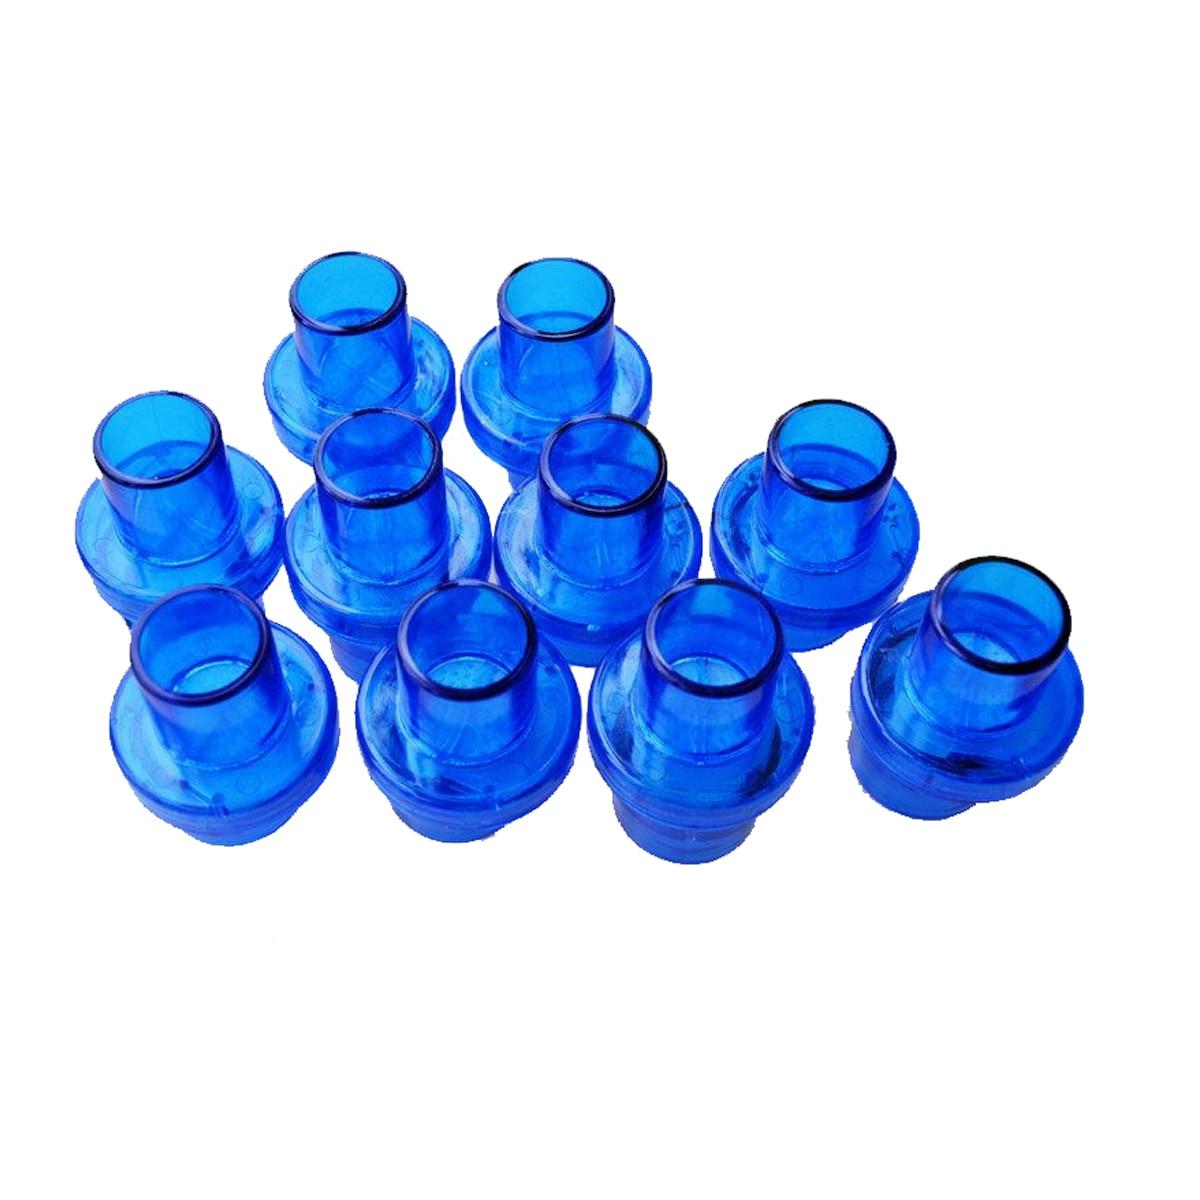 5 Pz/pacco Maschera Cpr Formazione Valvole Con Valvola Unidirezionale W/filtro Di Diametro 22mm Per Cpr Rianimatore Pratica Di Emergenza Per Strumento Di Salvataggio